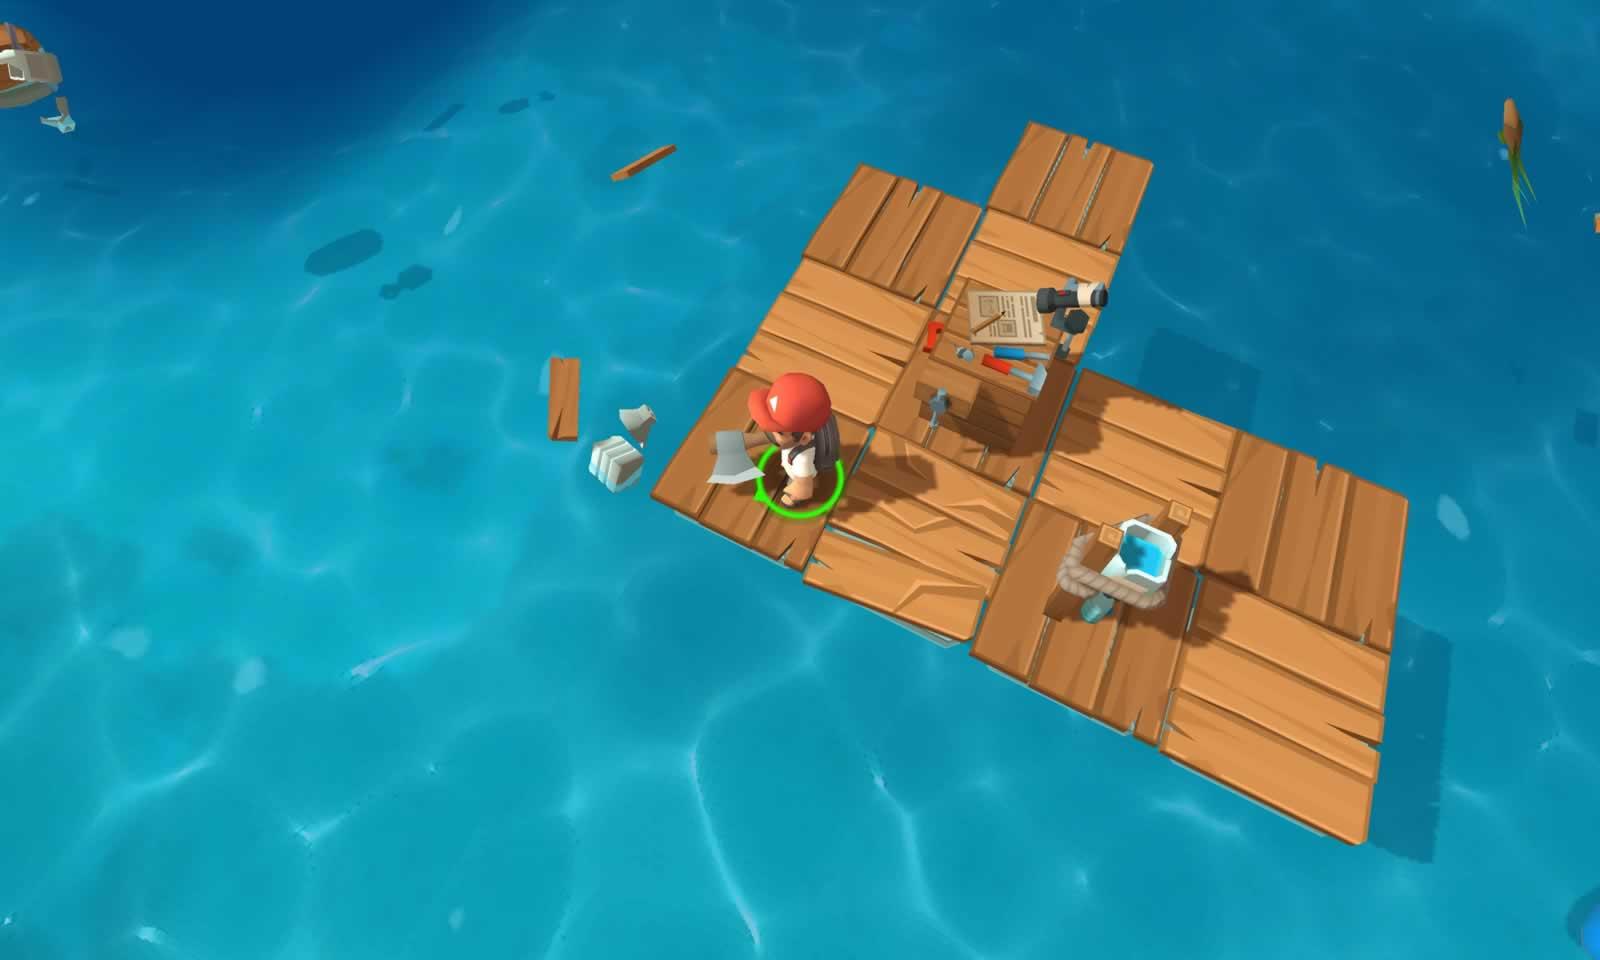 史诗木筏无条件生产版游戏截图